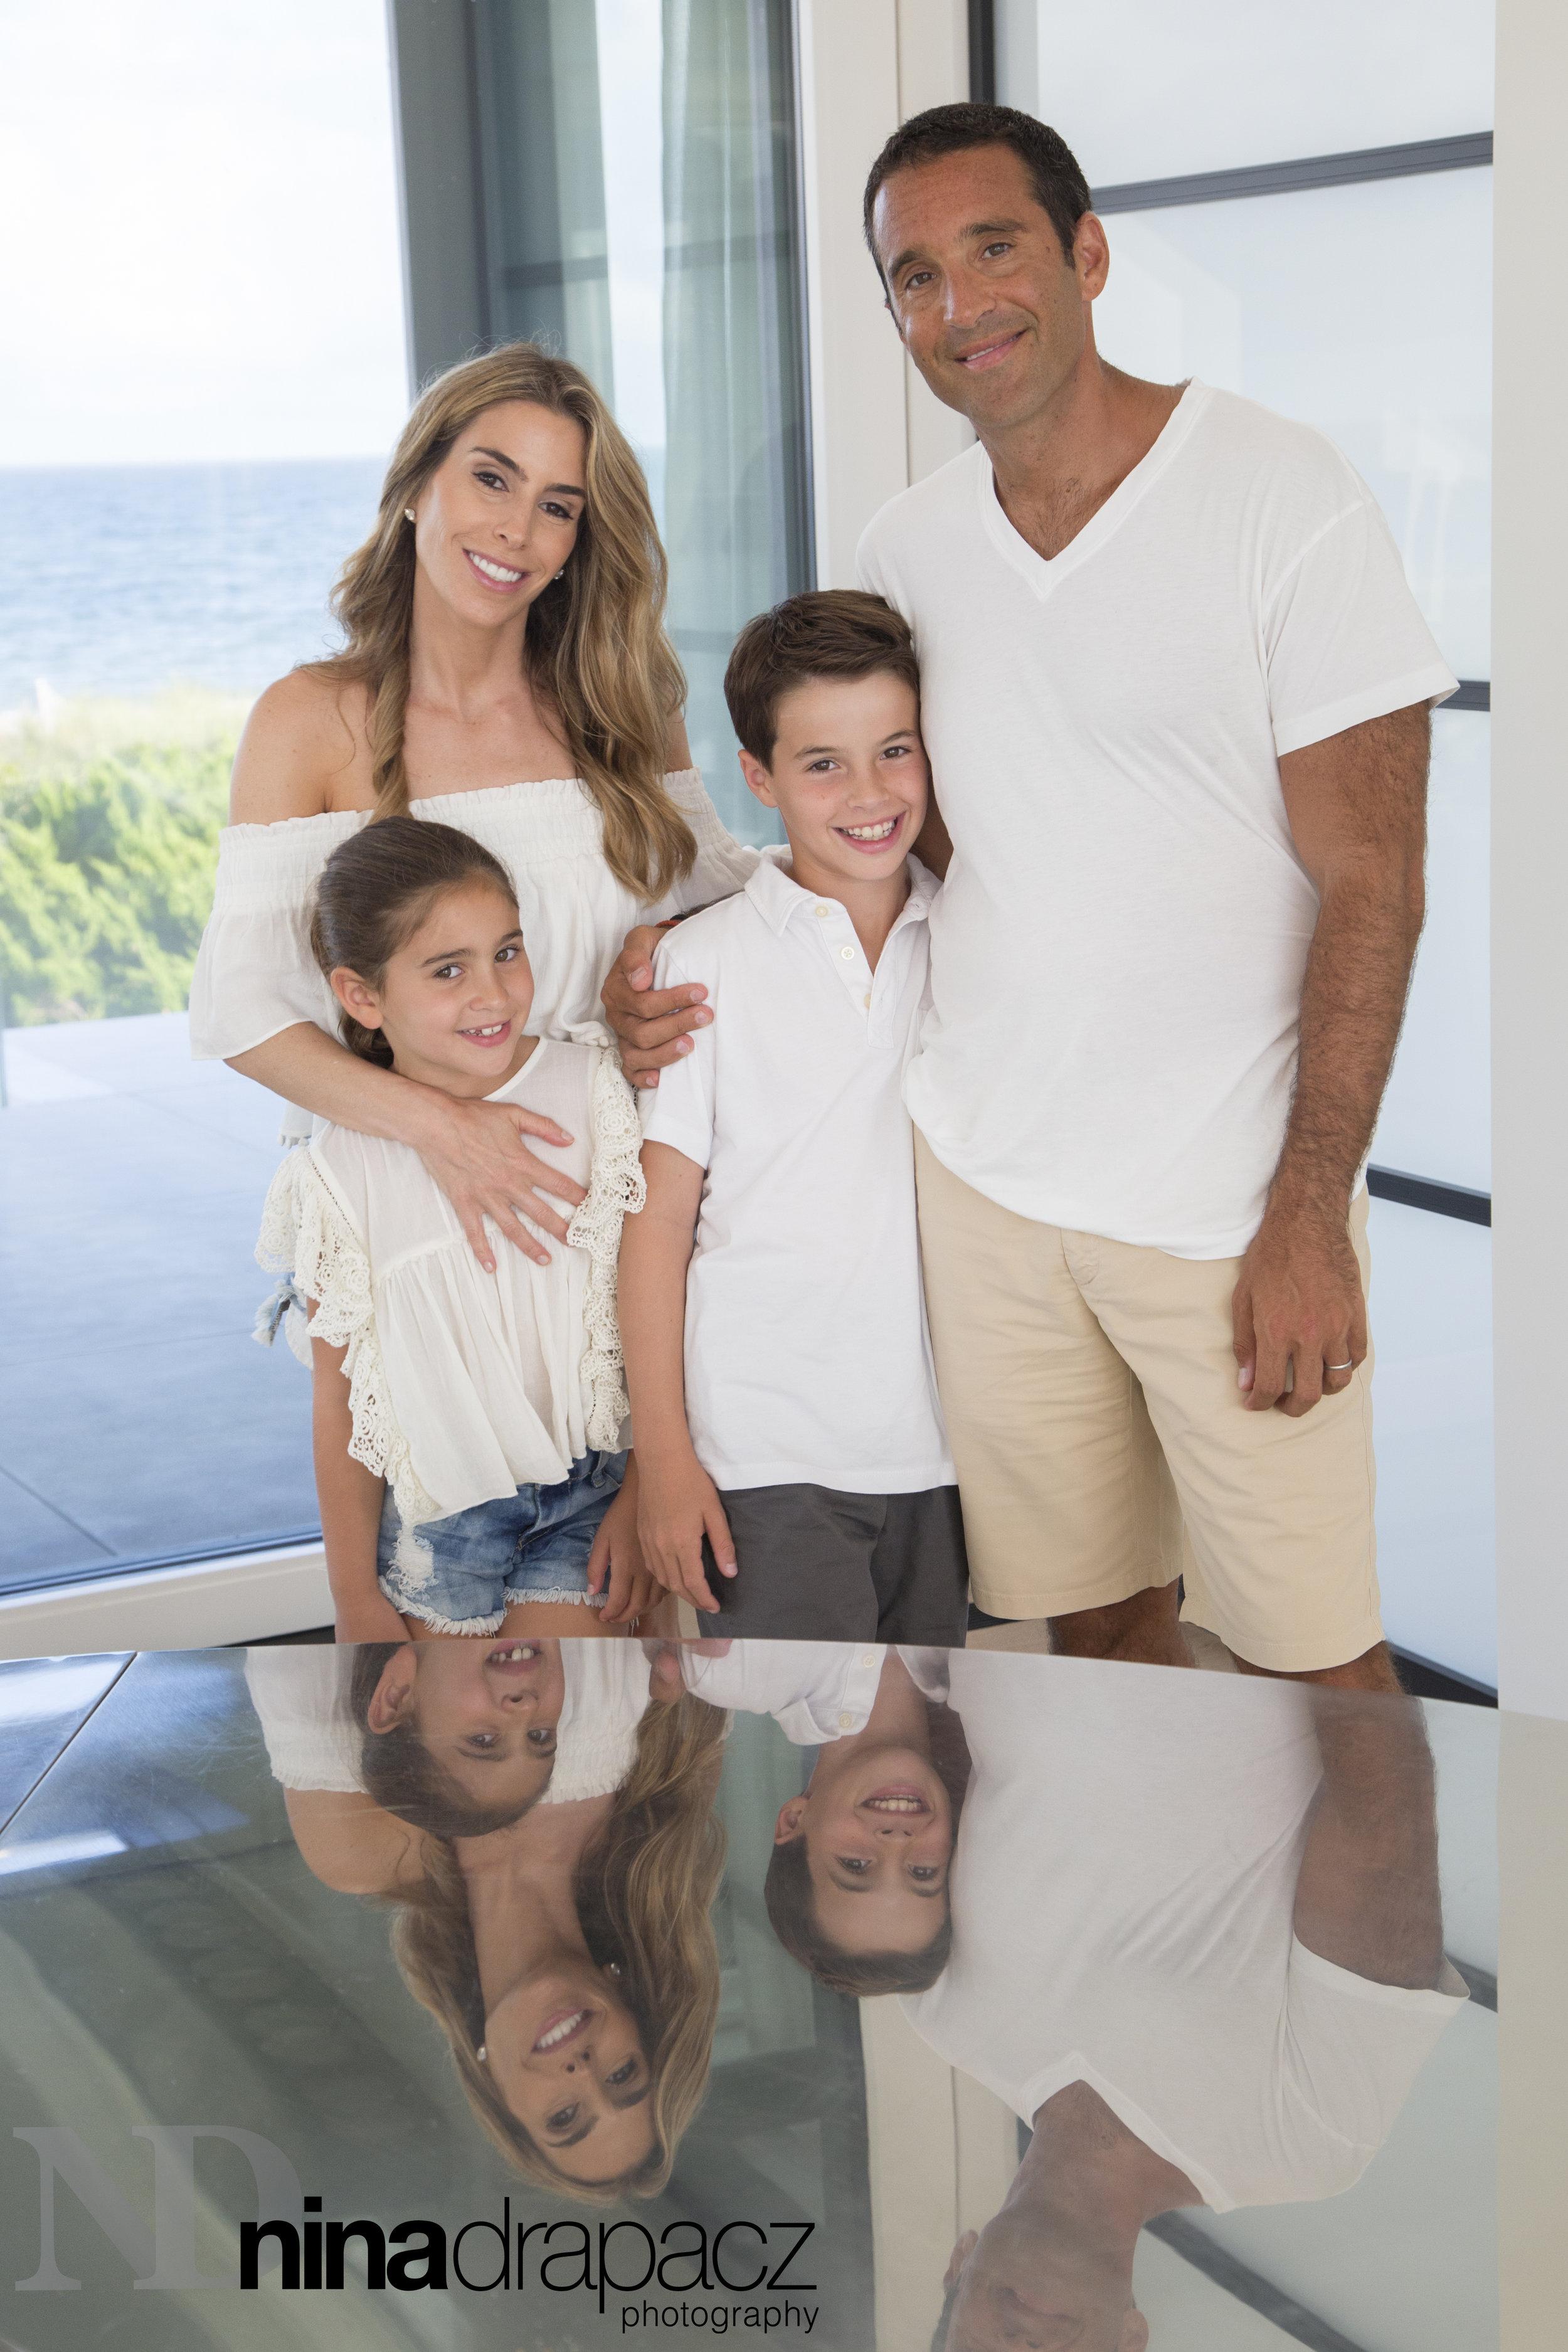 familyphoto22.jpg